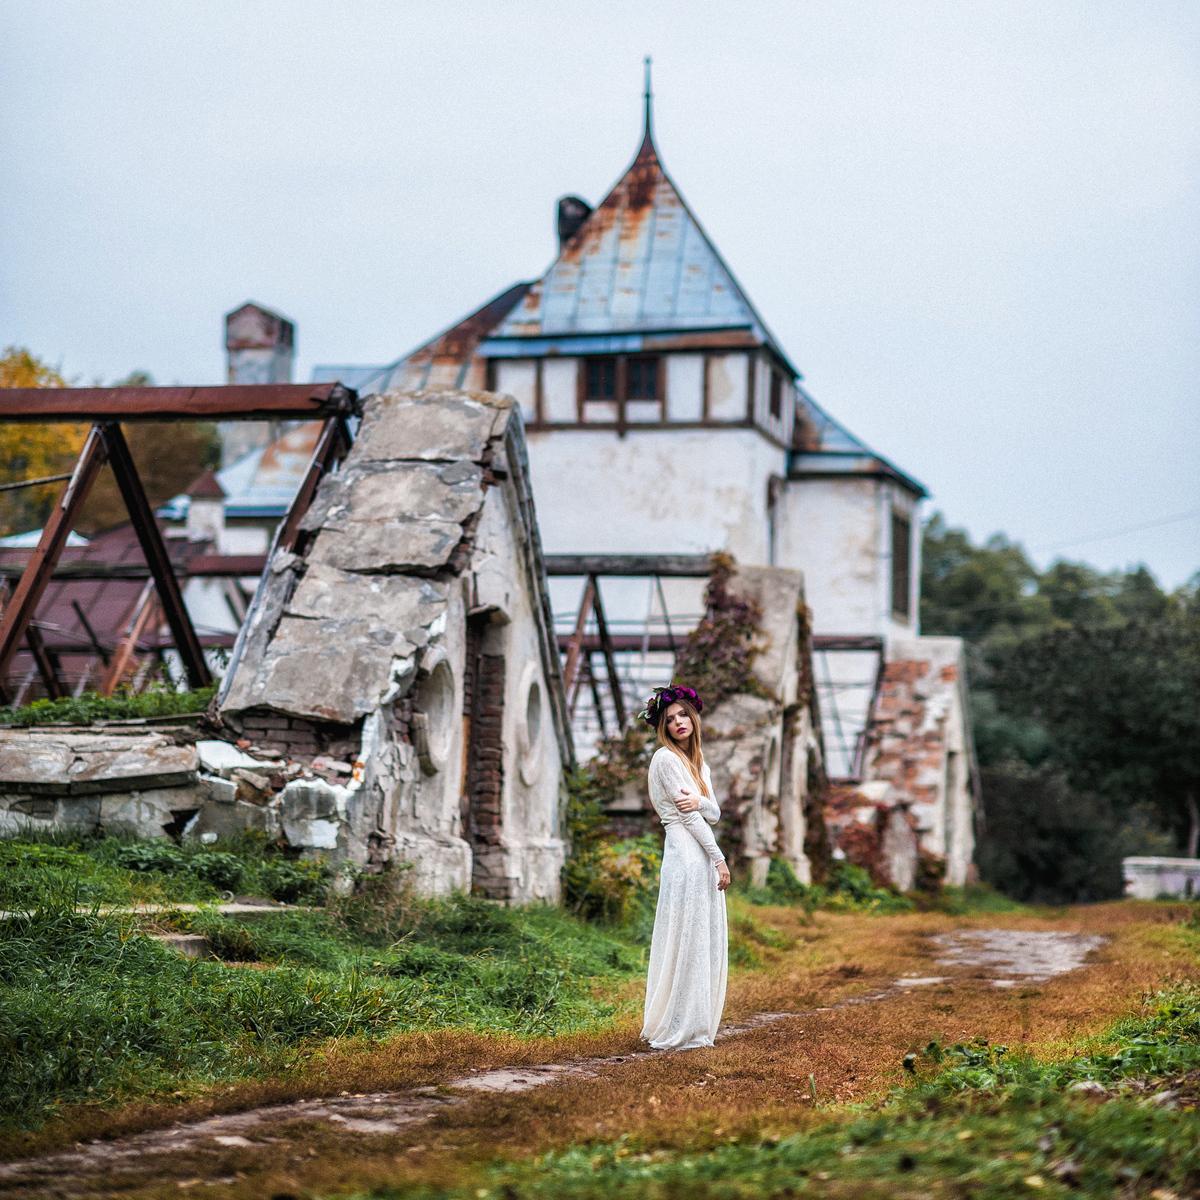 легенда о замке